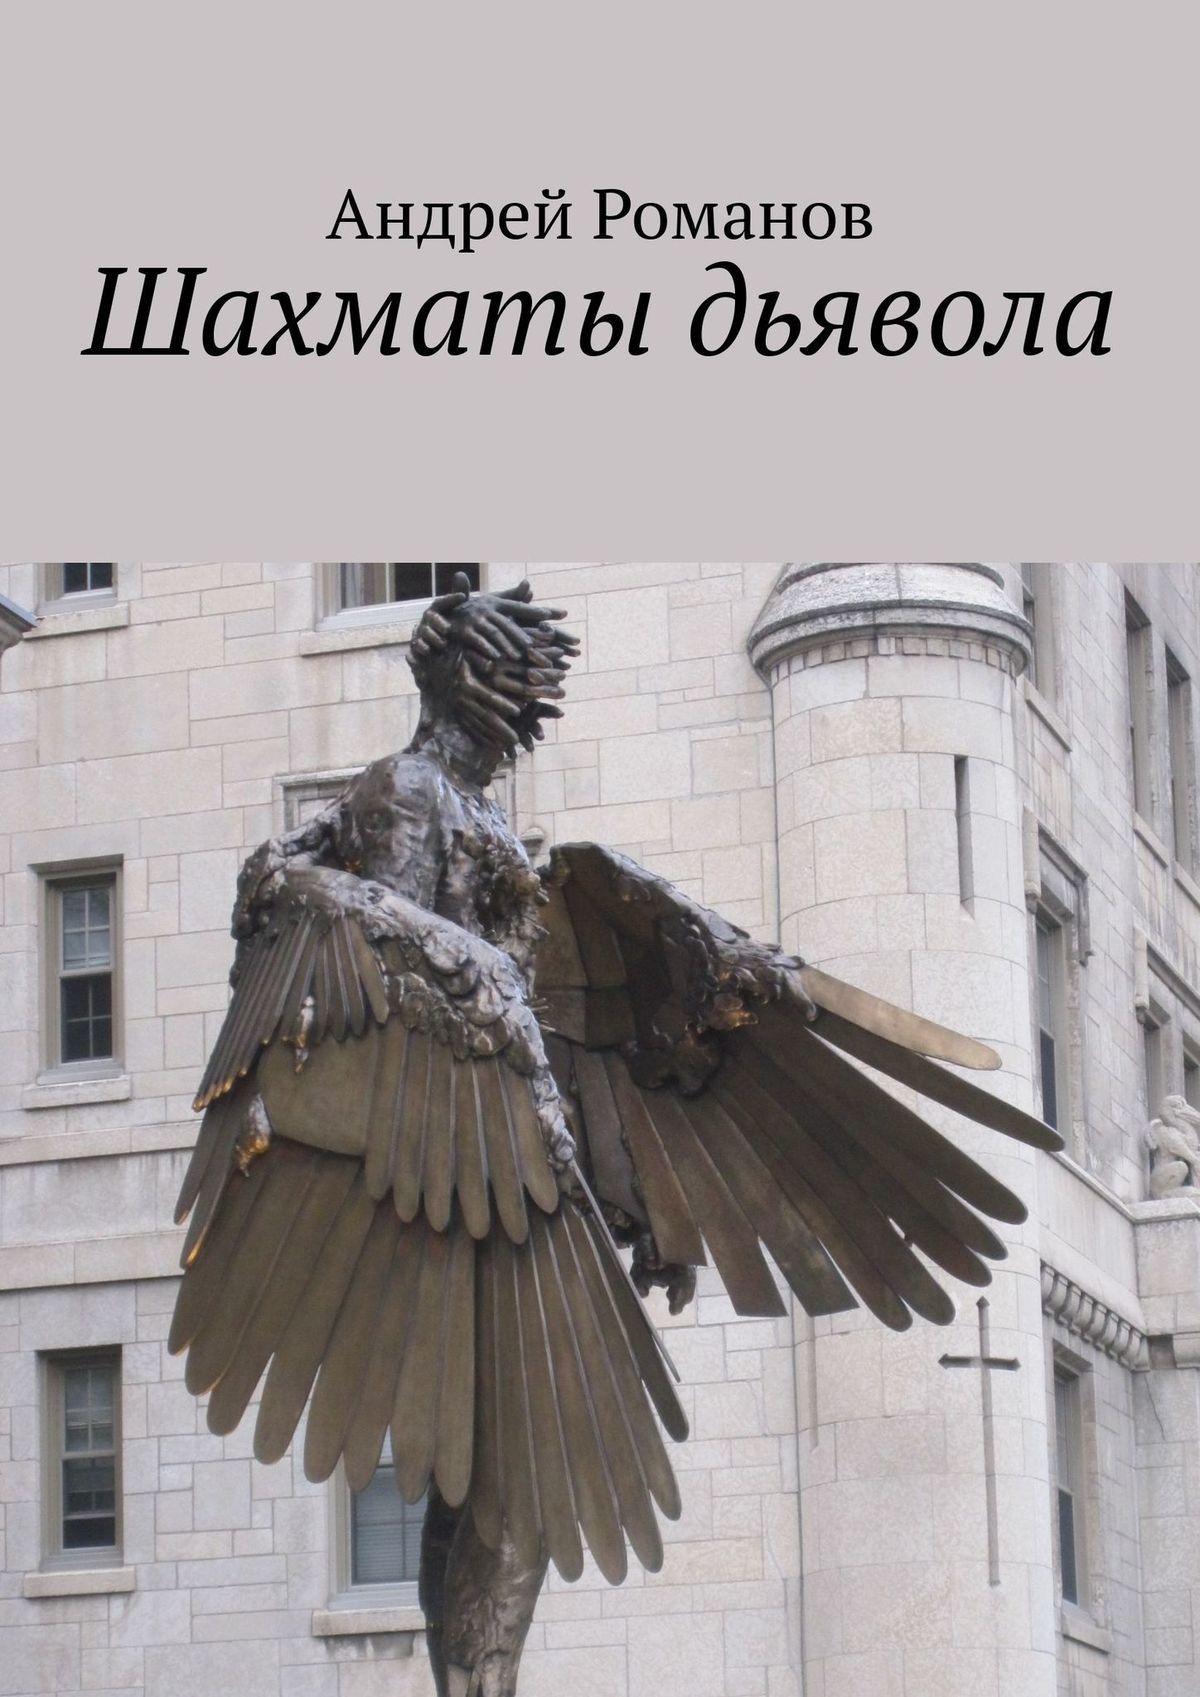 Андрей Романов Шахматы дьявола бивер дж дверь дьявола как послушание богу может защитить вас от рабства греха